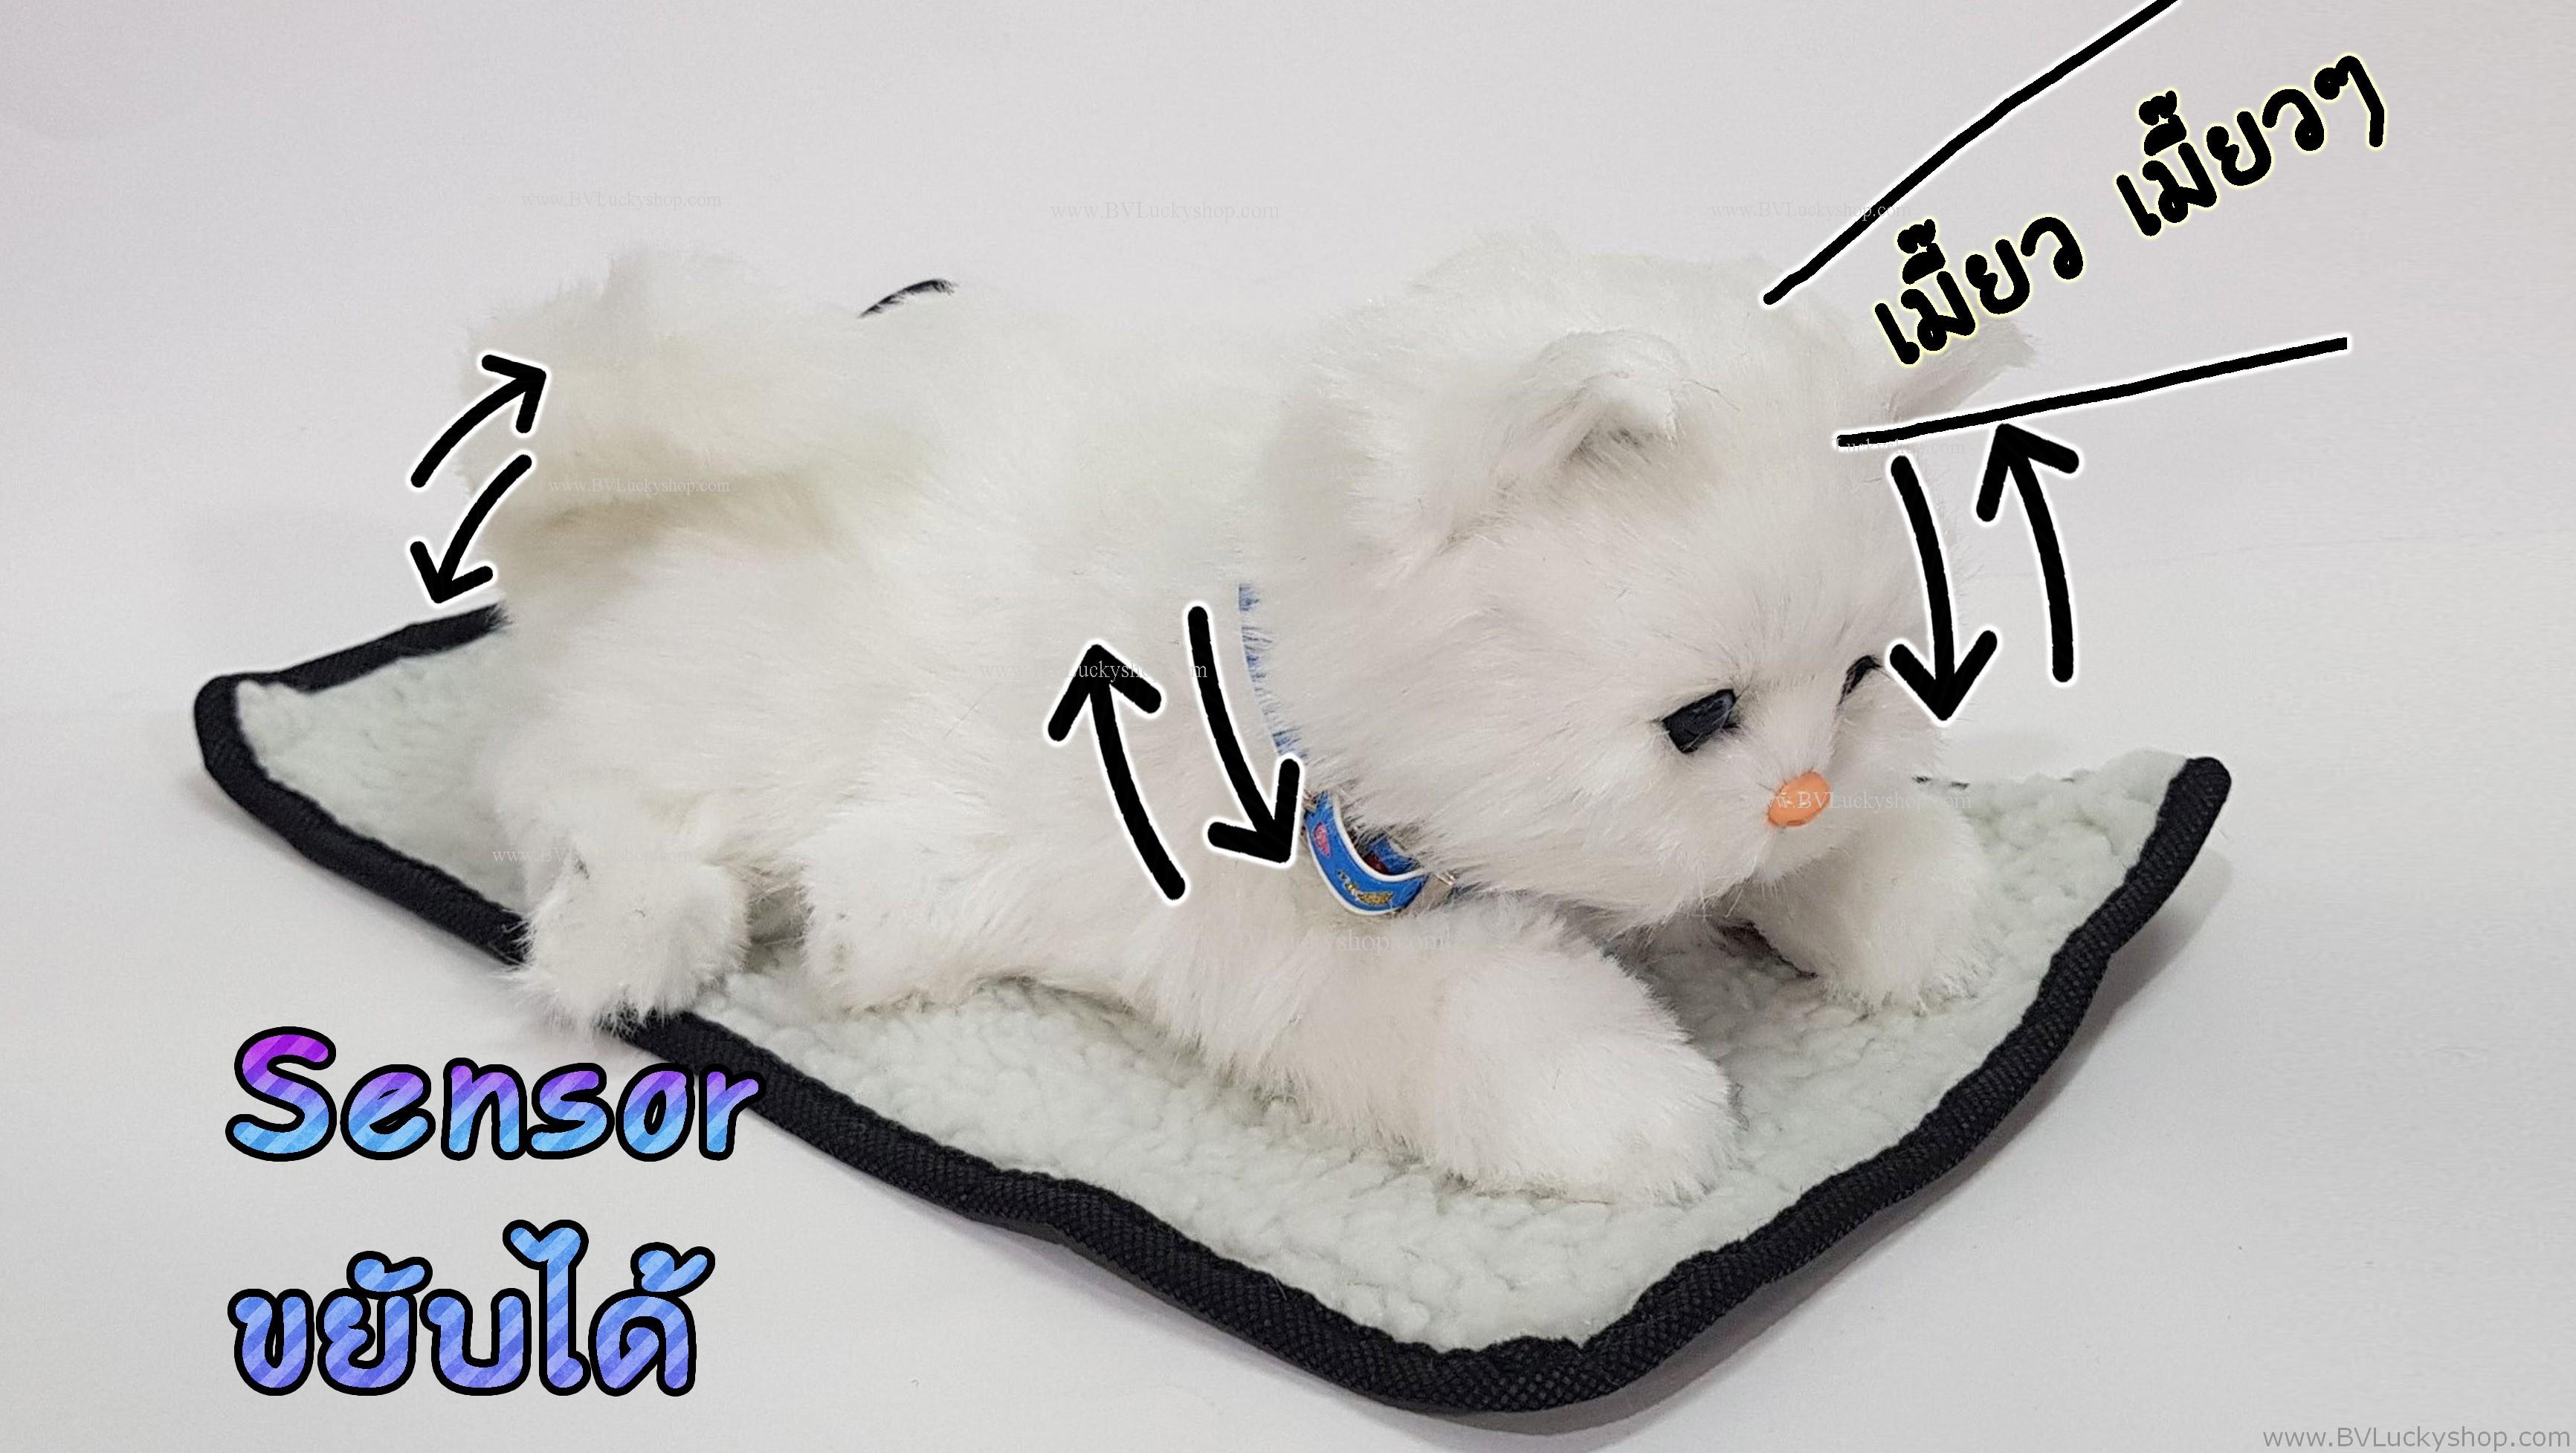 ตุ๊กตาแมว เซ็นเซอร์จับมือผ่าน แล้วส่วนหัวและหางจะเคลื่อนไหว และมีเสียงร้องเมี้ยวด้วย [Cat-SS4]